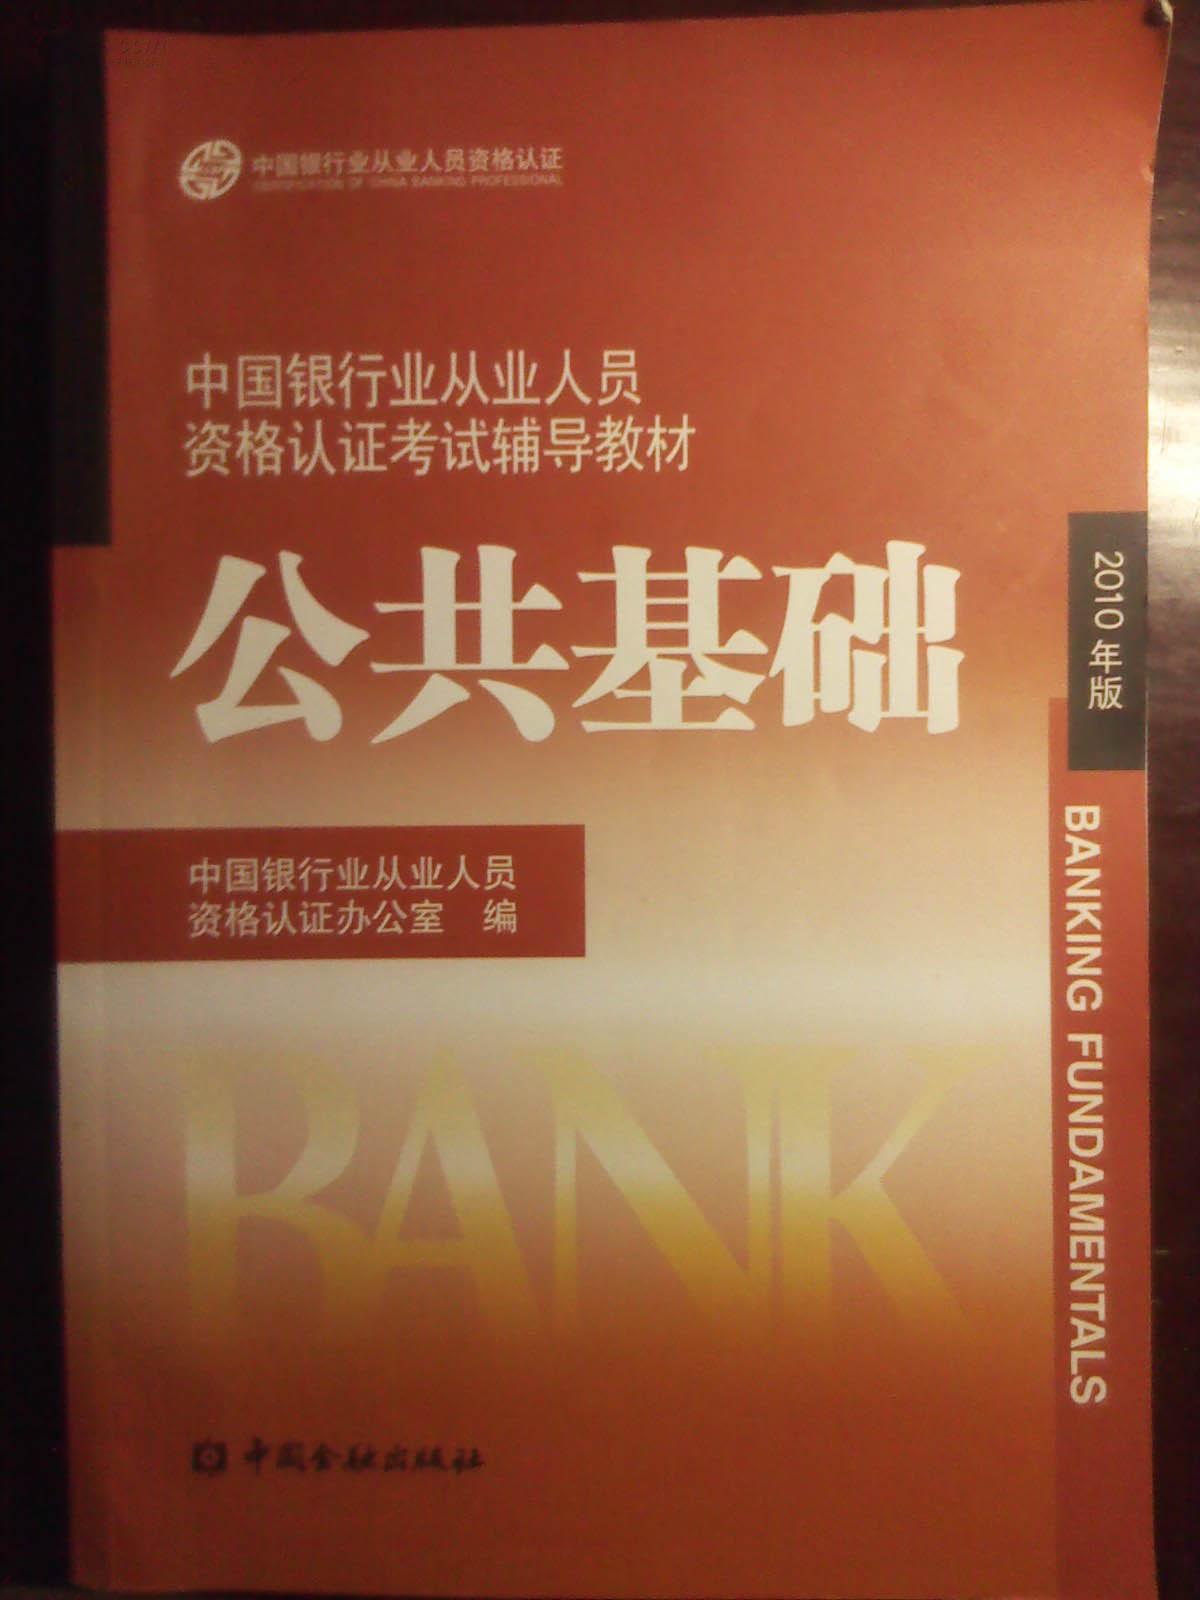 法律法规与综合能力第三章第三节专项练习1